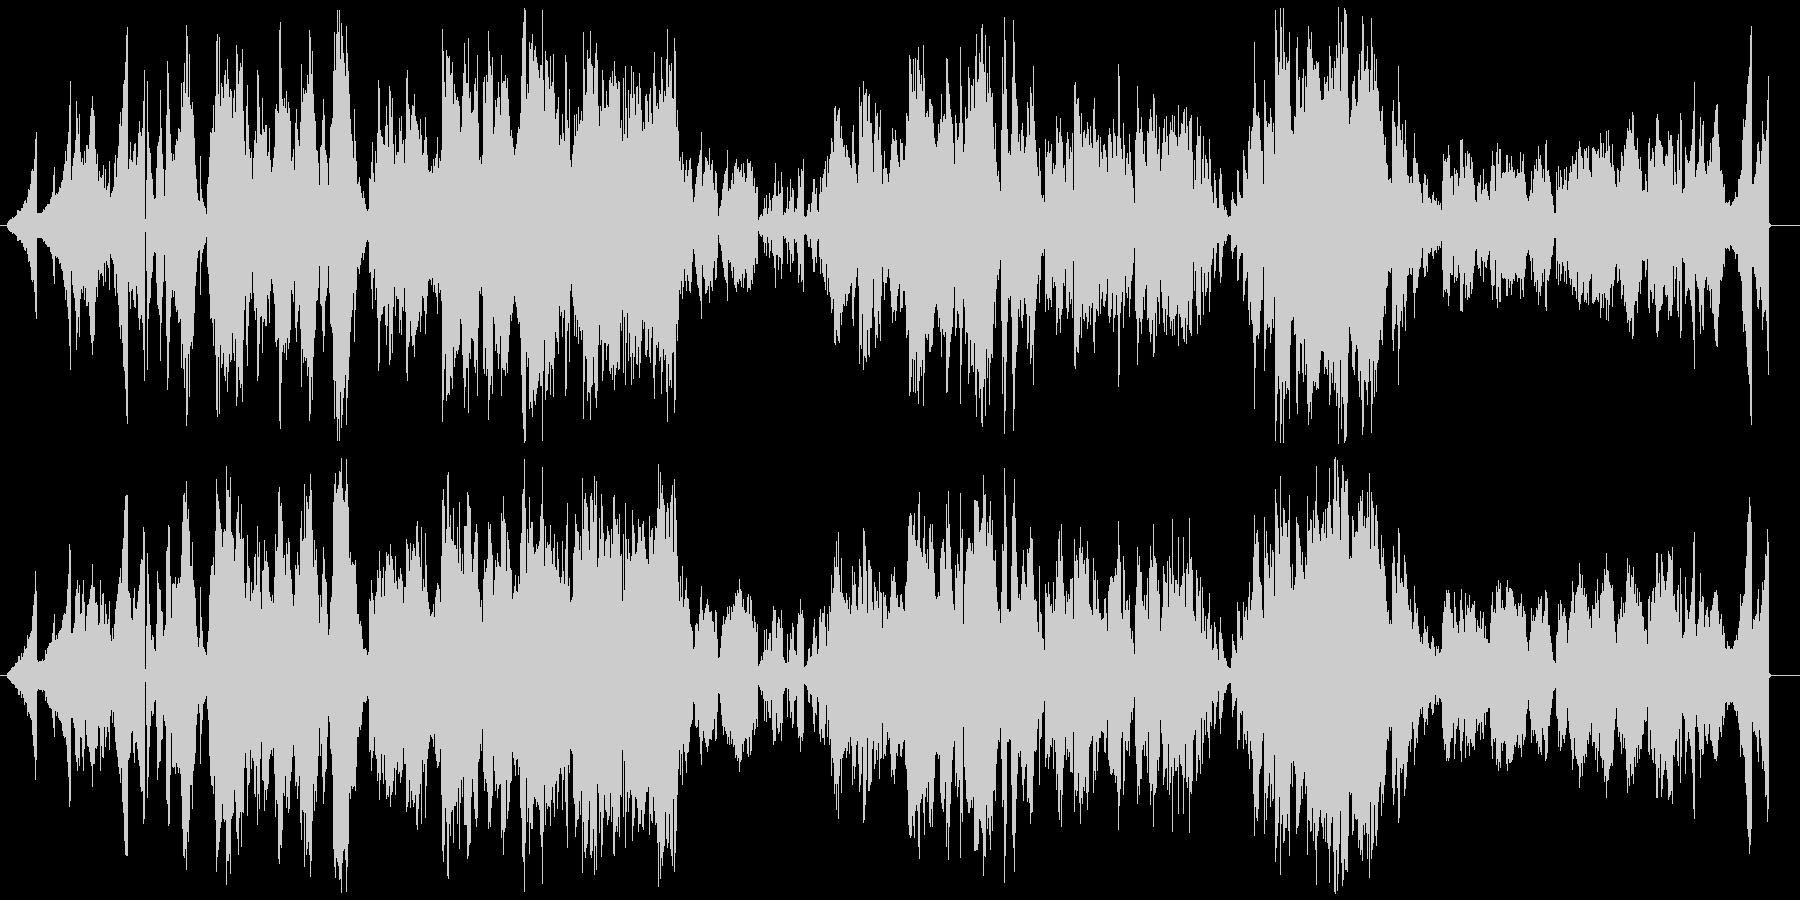 ピアノノイズです。ピアノ楽曲ではありま…の未再生の波形